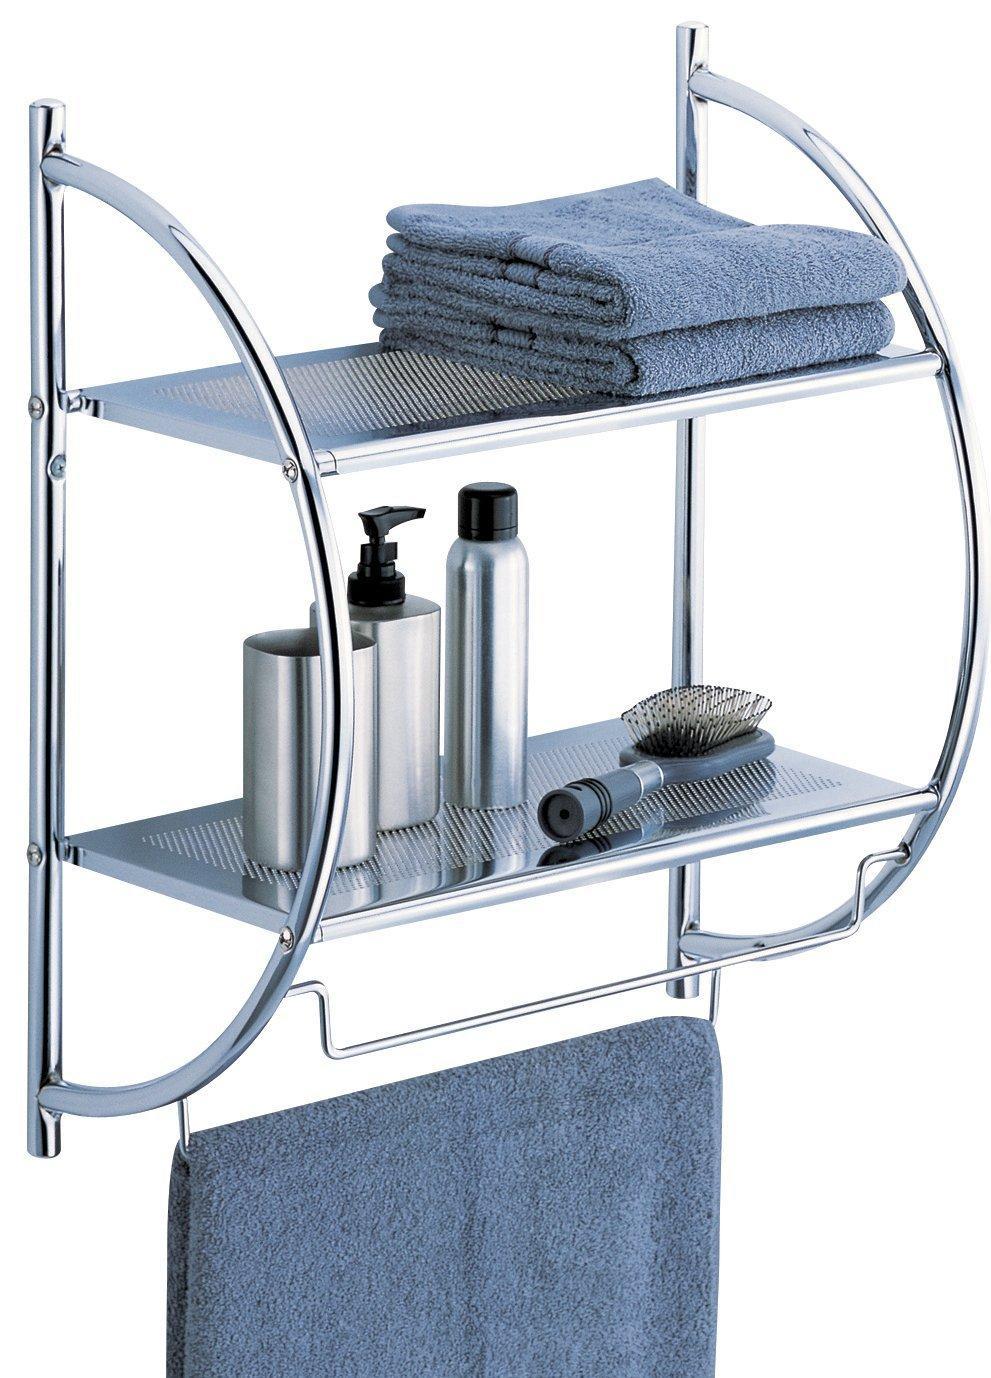 Нержавейка – наиболее подходящий металл для ванной